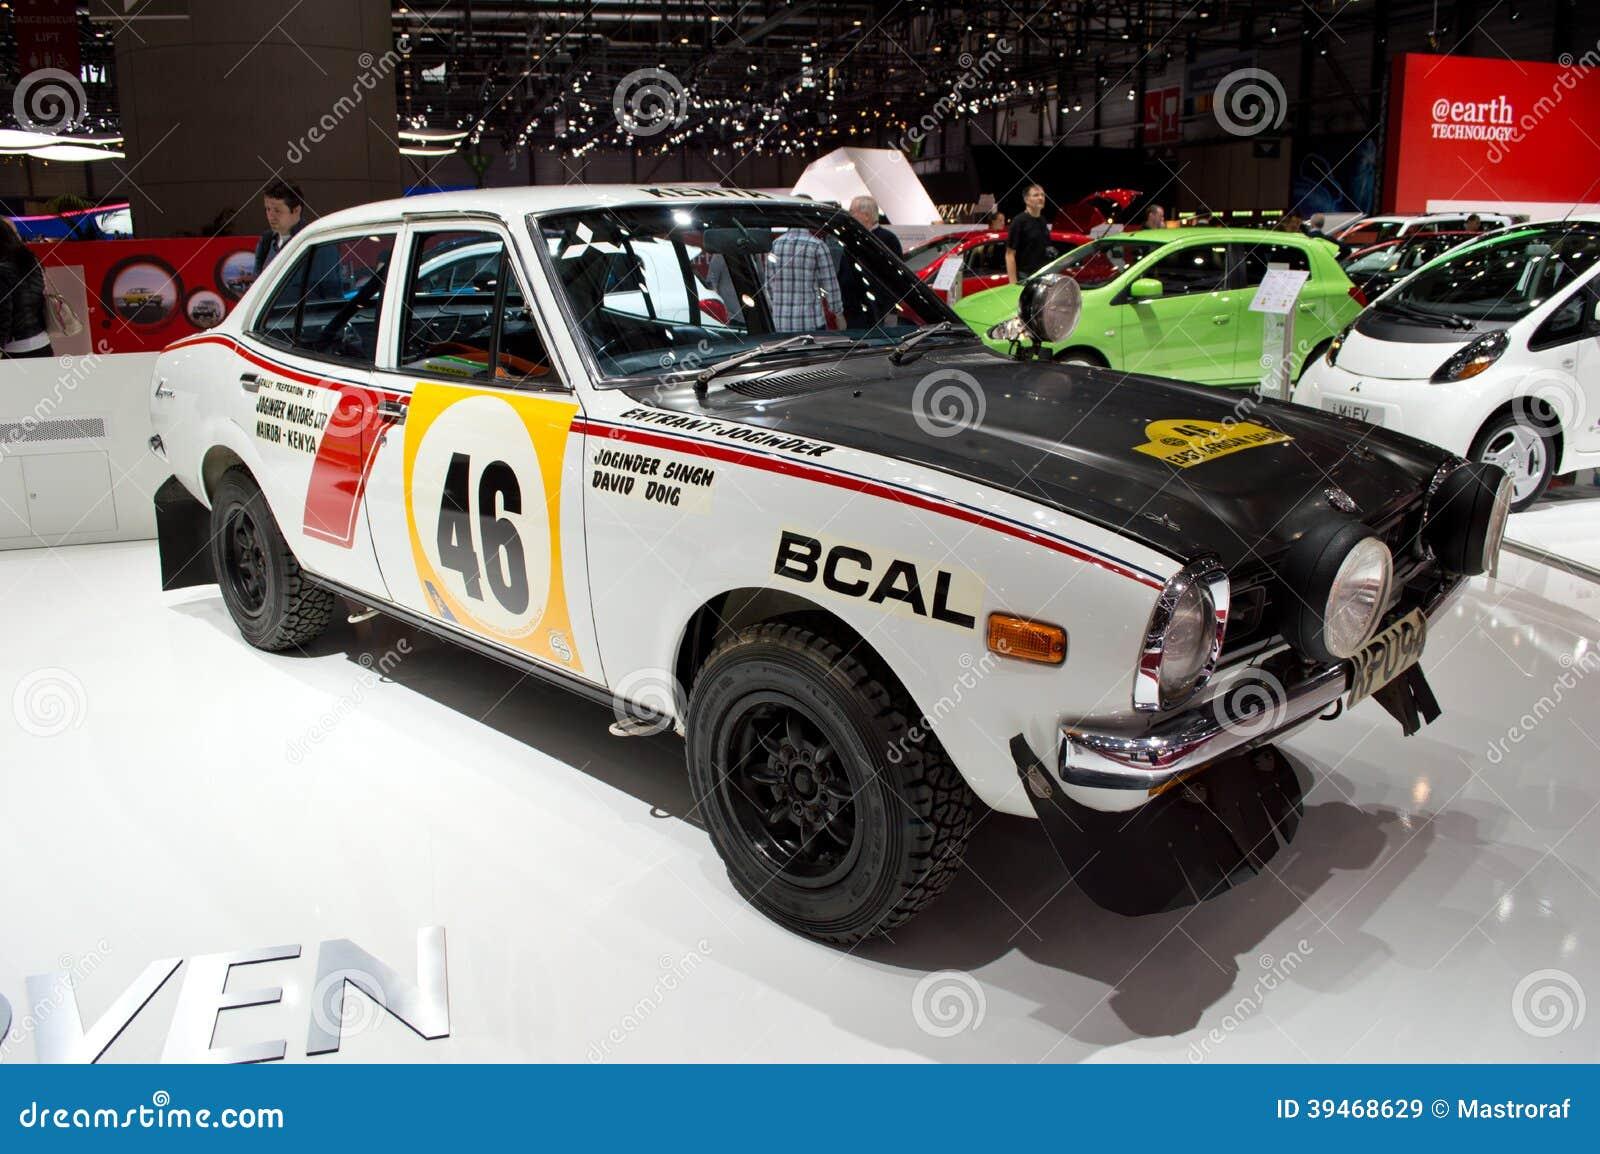 Mitsubishi rally origins geneva 2014 editorial stock image - Salon de lauto geneve ...